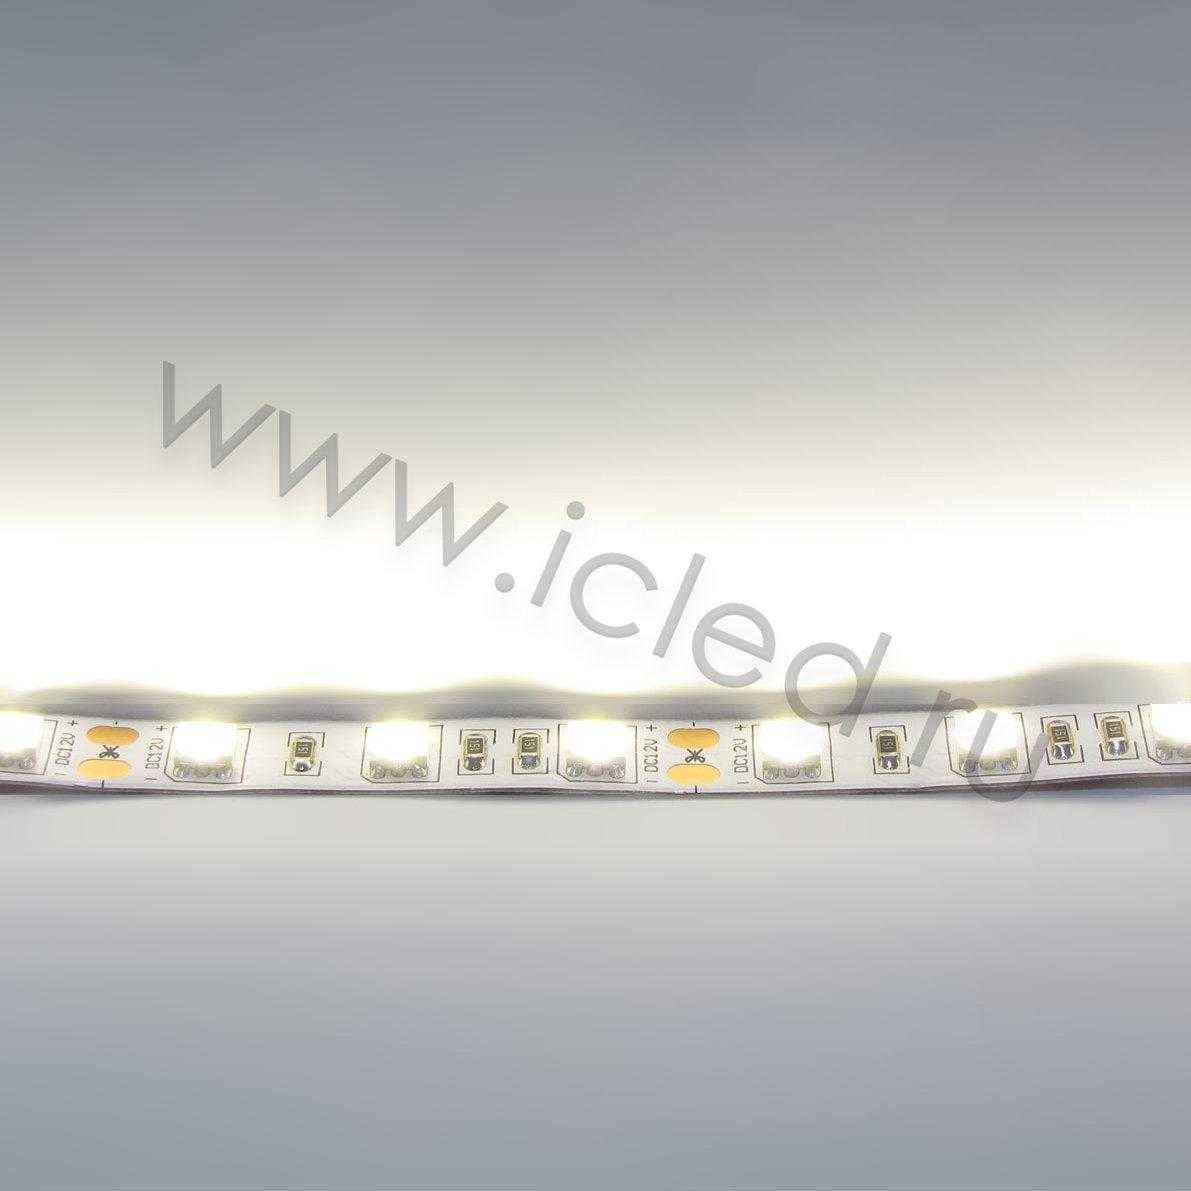 Светодиодная лента Class High, 5050, 60 led/m, Warm White,12V, IP33